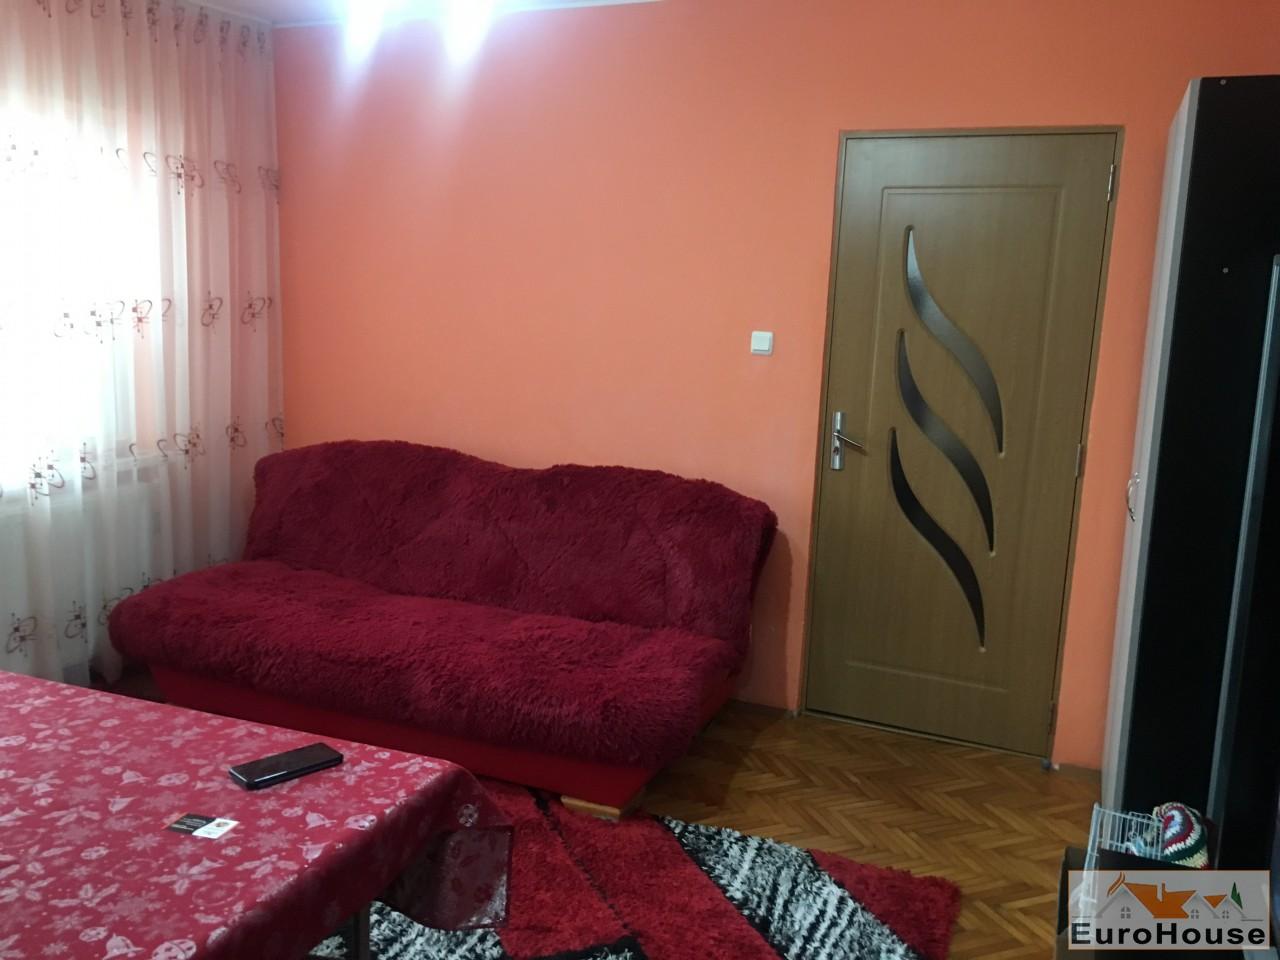 Apartament 2 camere de inchiriat Alba Iulia -33907-